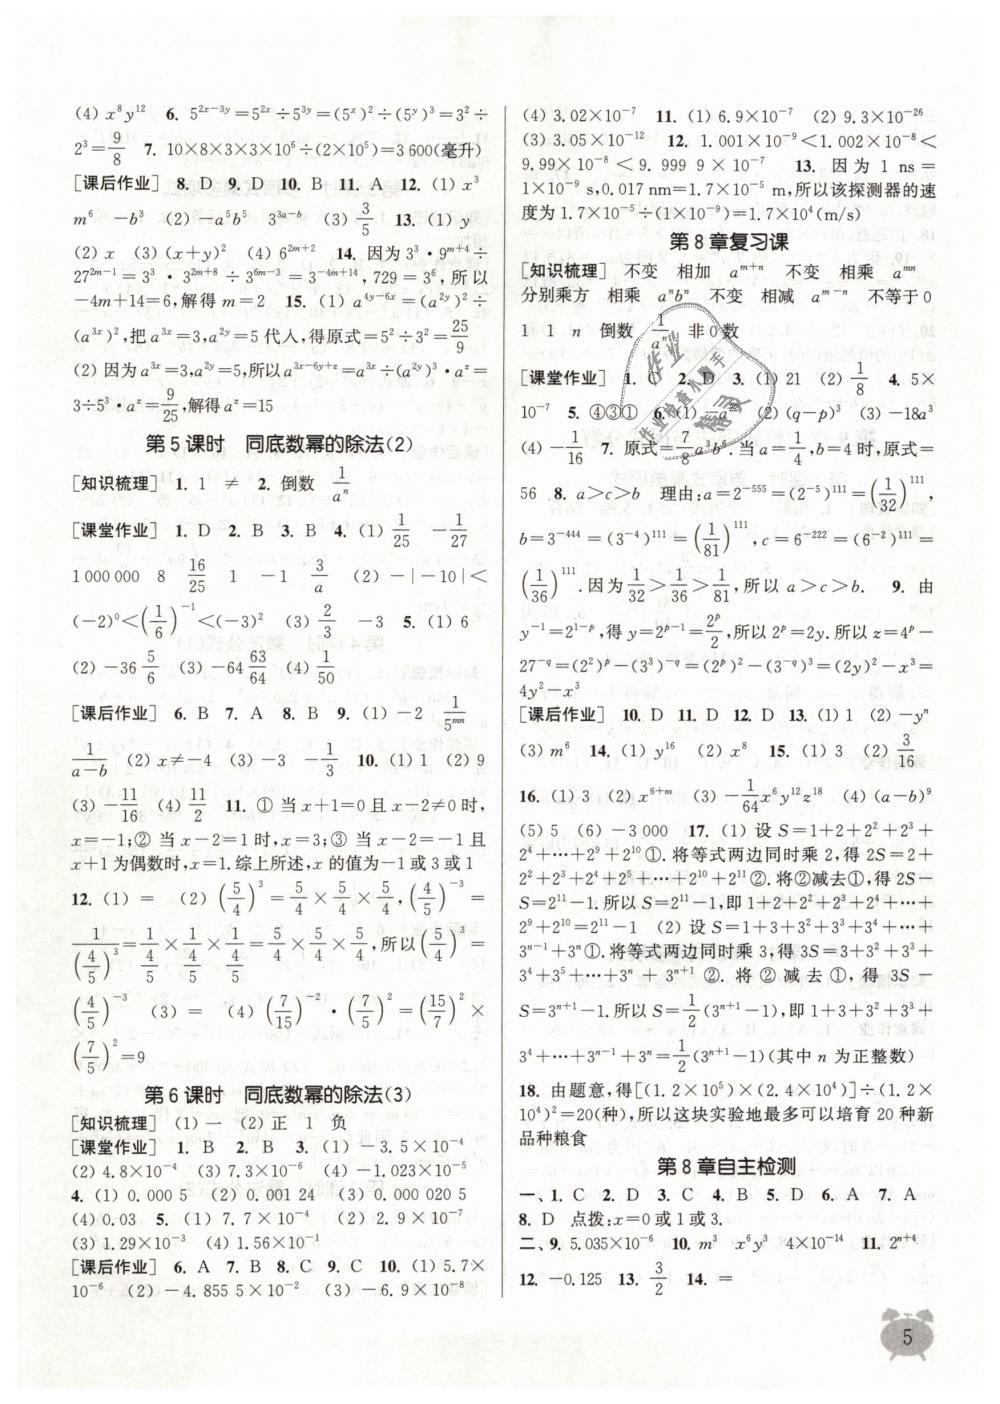 2019年通城学典课时作业本七年级数学下册苏科版江苏专用第5页